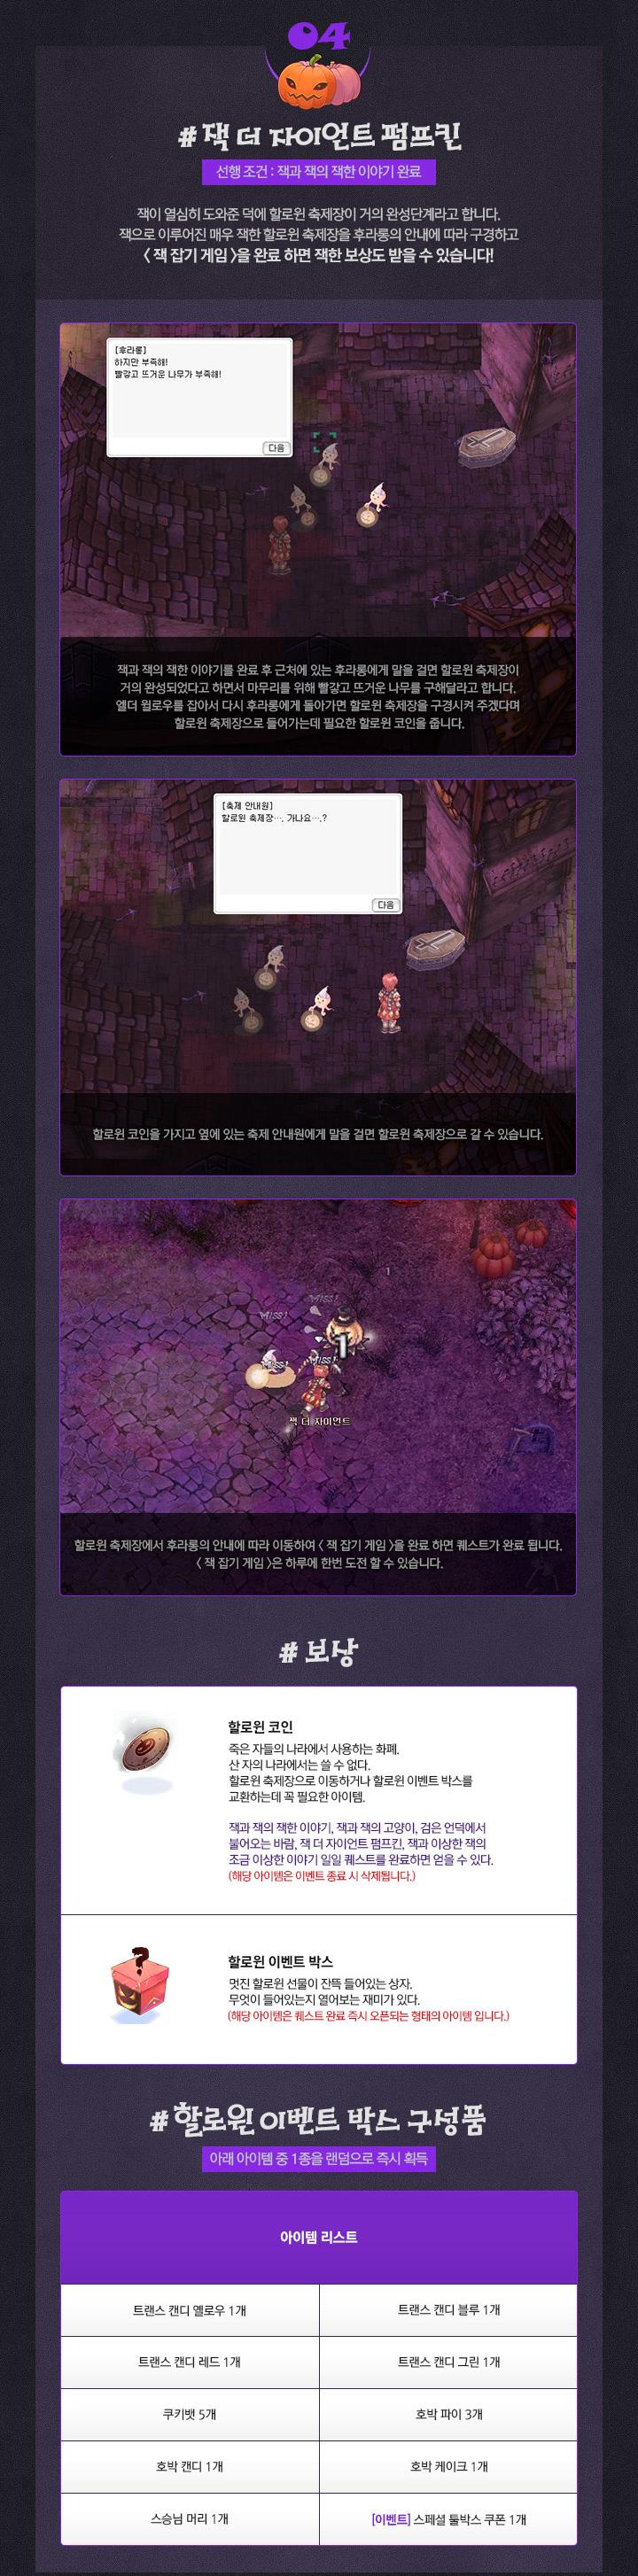 [RO1]_할로윈이벤트 image 4